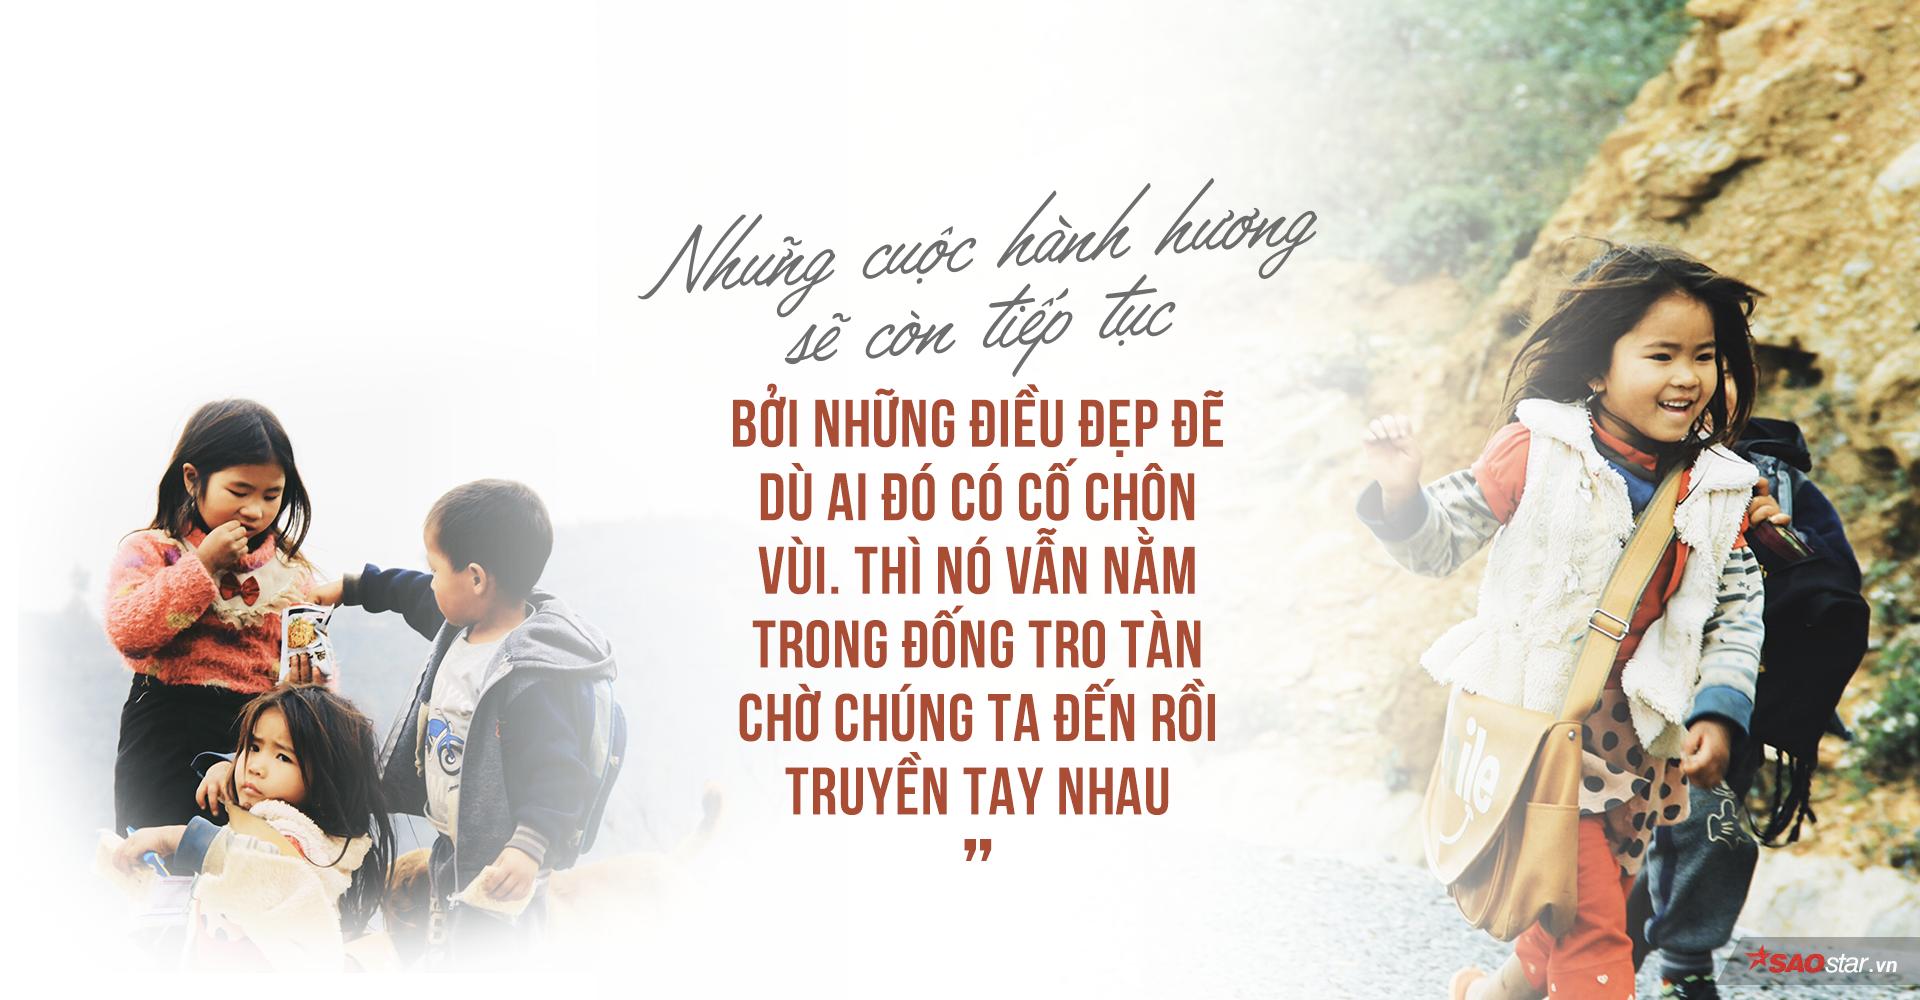 Cuộc sống hạnh phúc của những đứa trẻ biên giới Việt Lào khiến người thành phố phải ganh tị